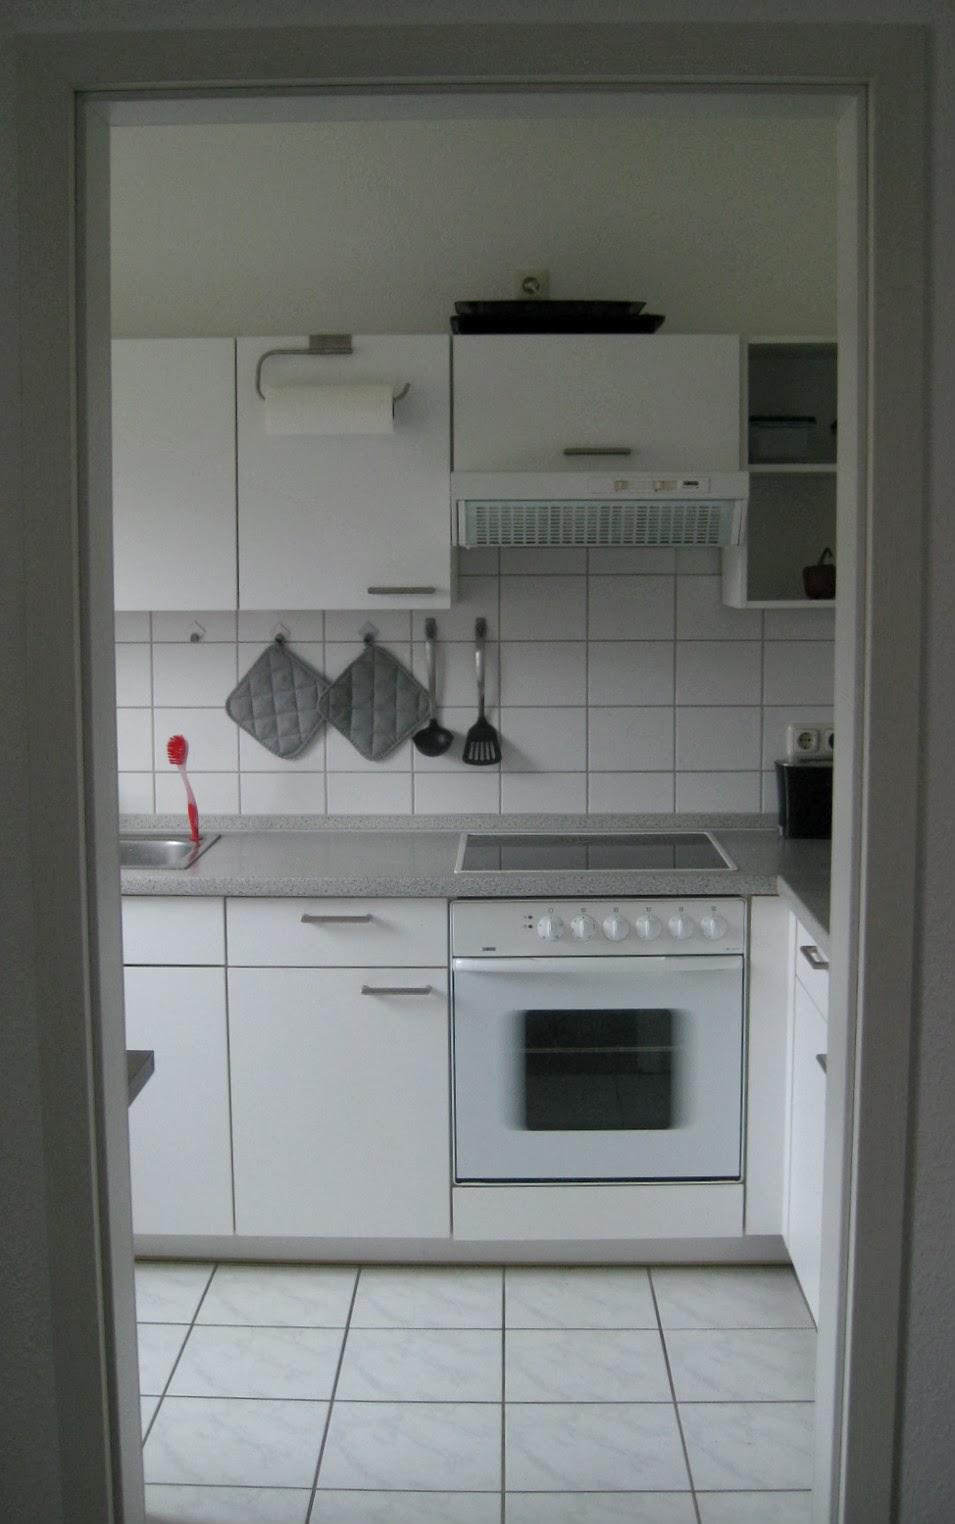 køkken-indgang-tyskland